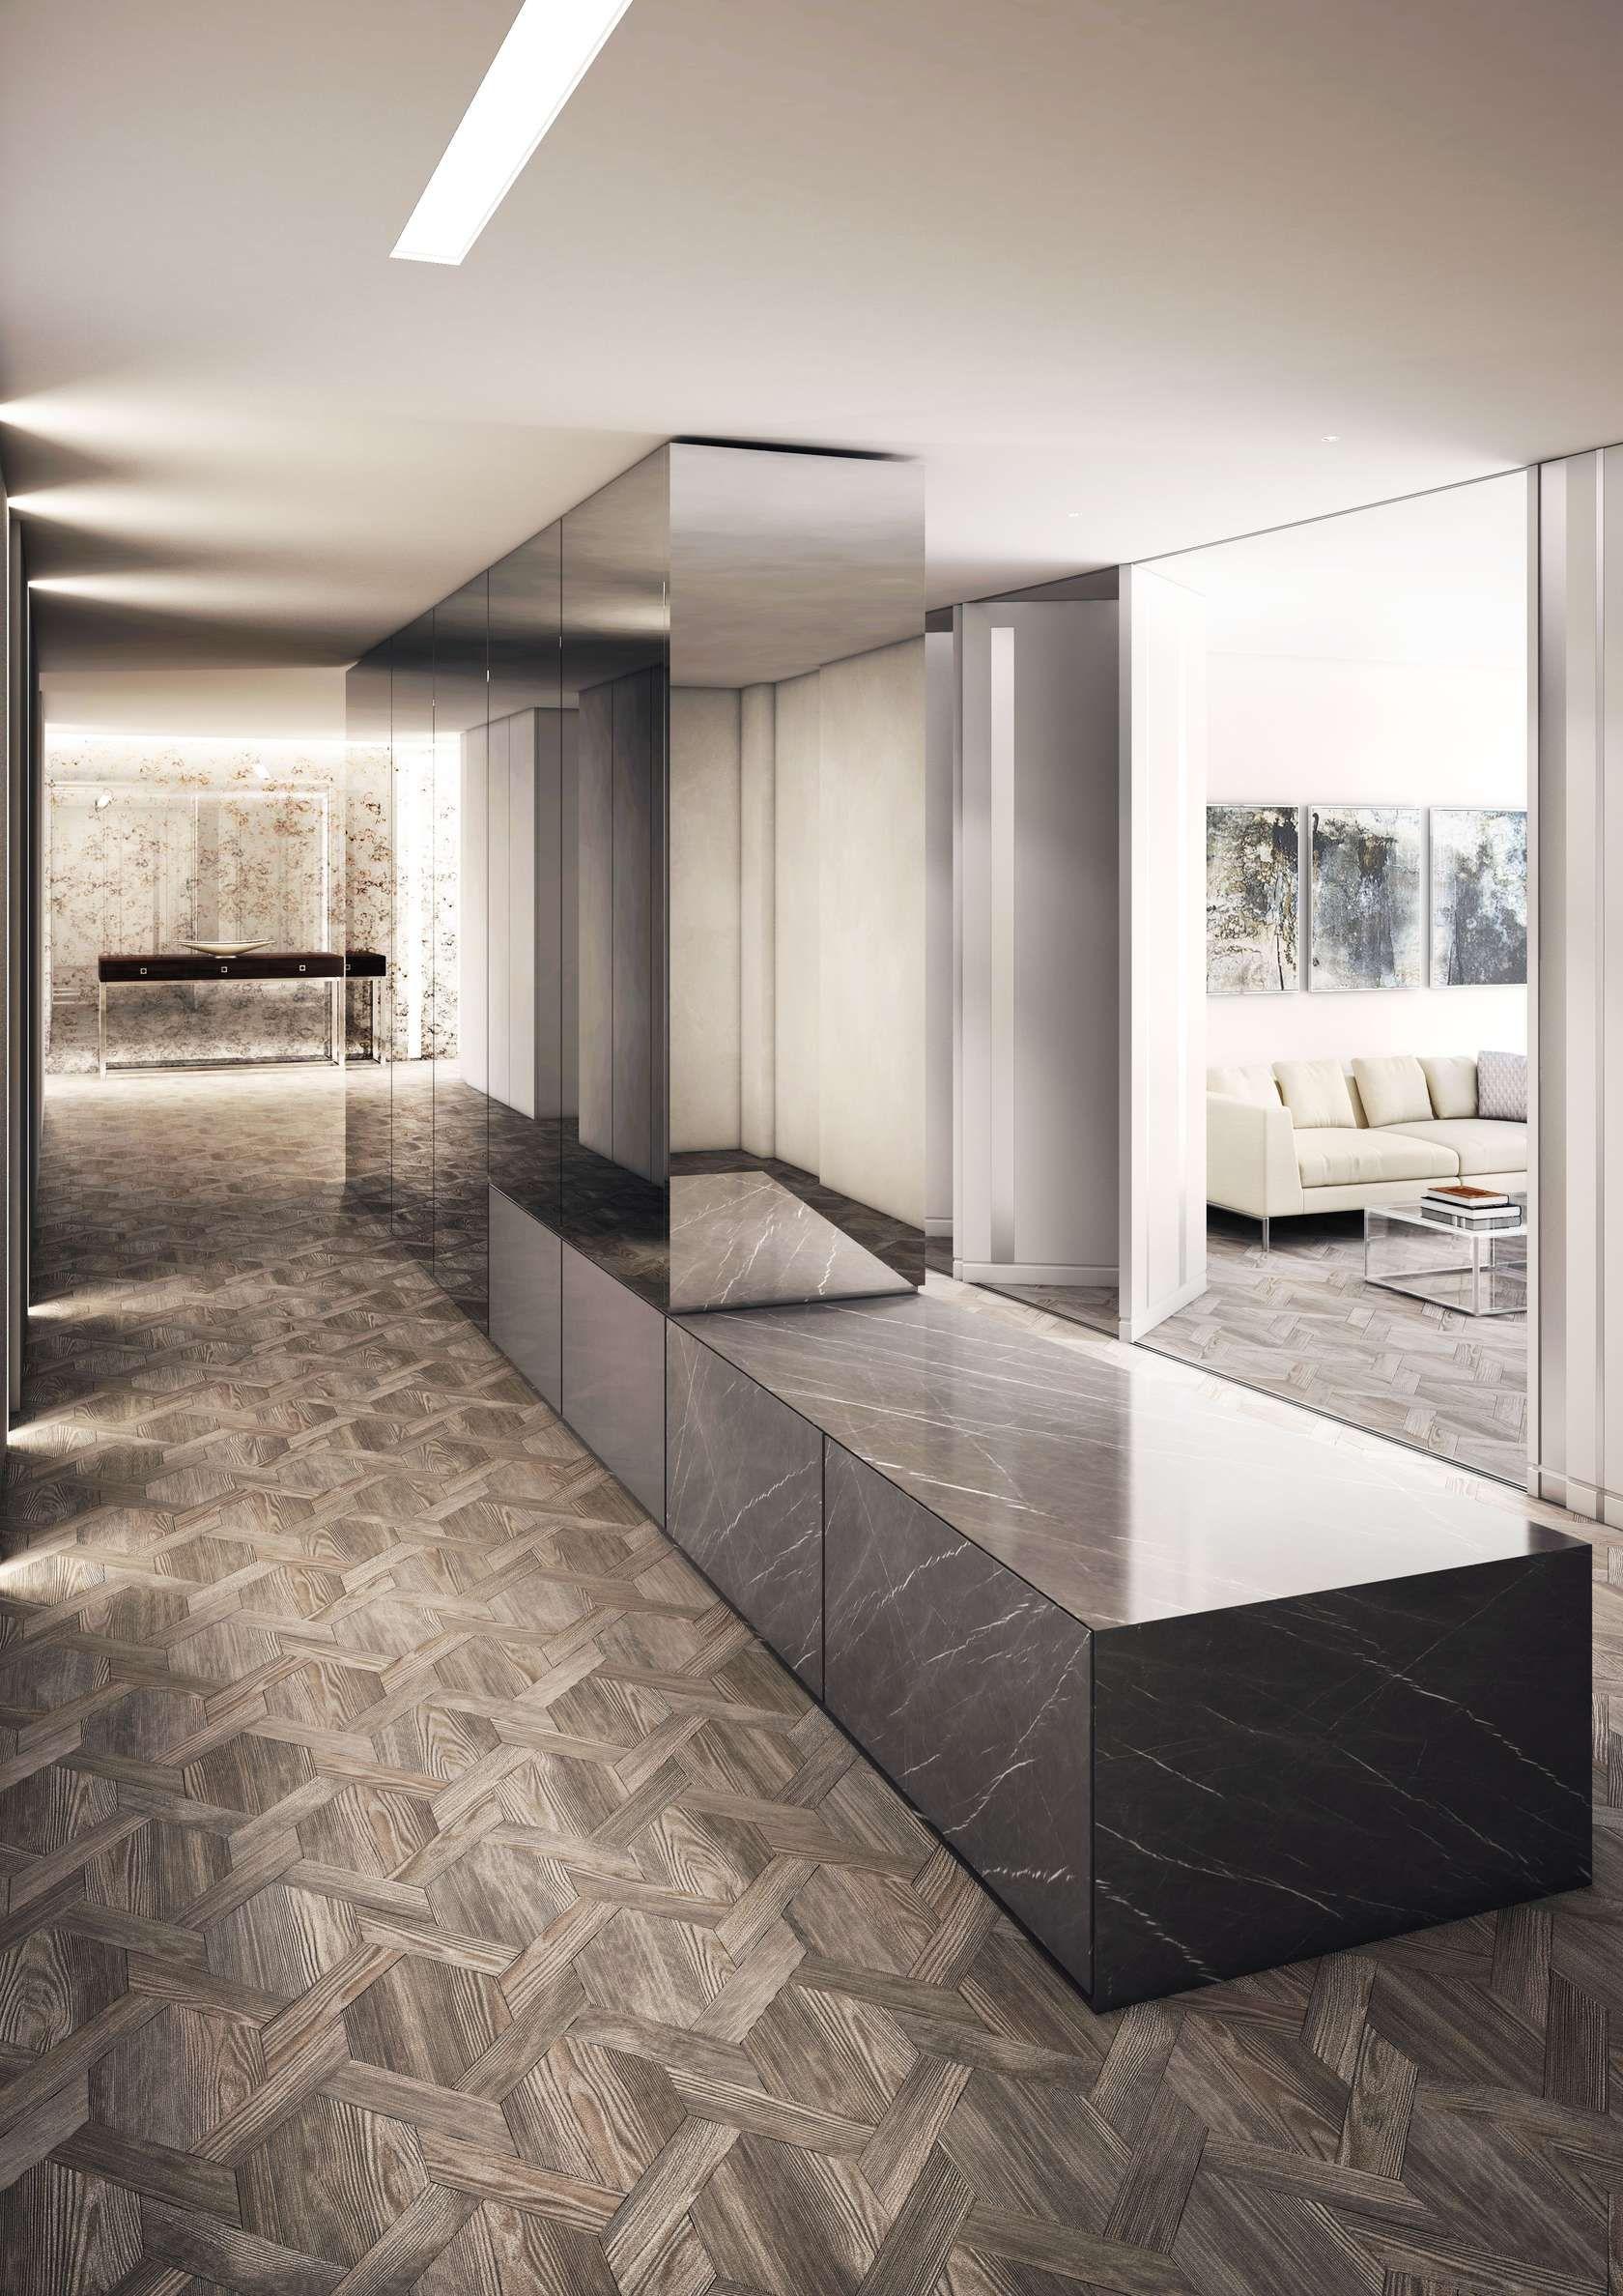 Post Office Apartment Interior Architecture Design Floor Design Residential Interior